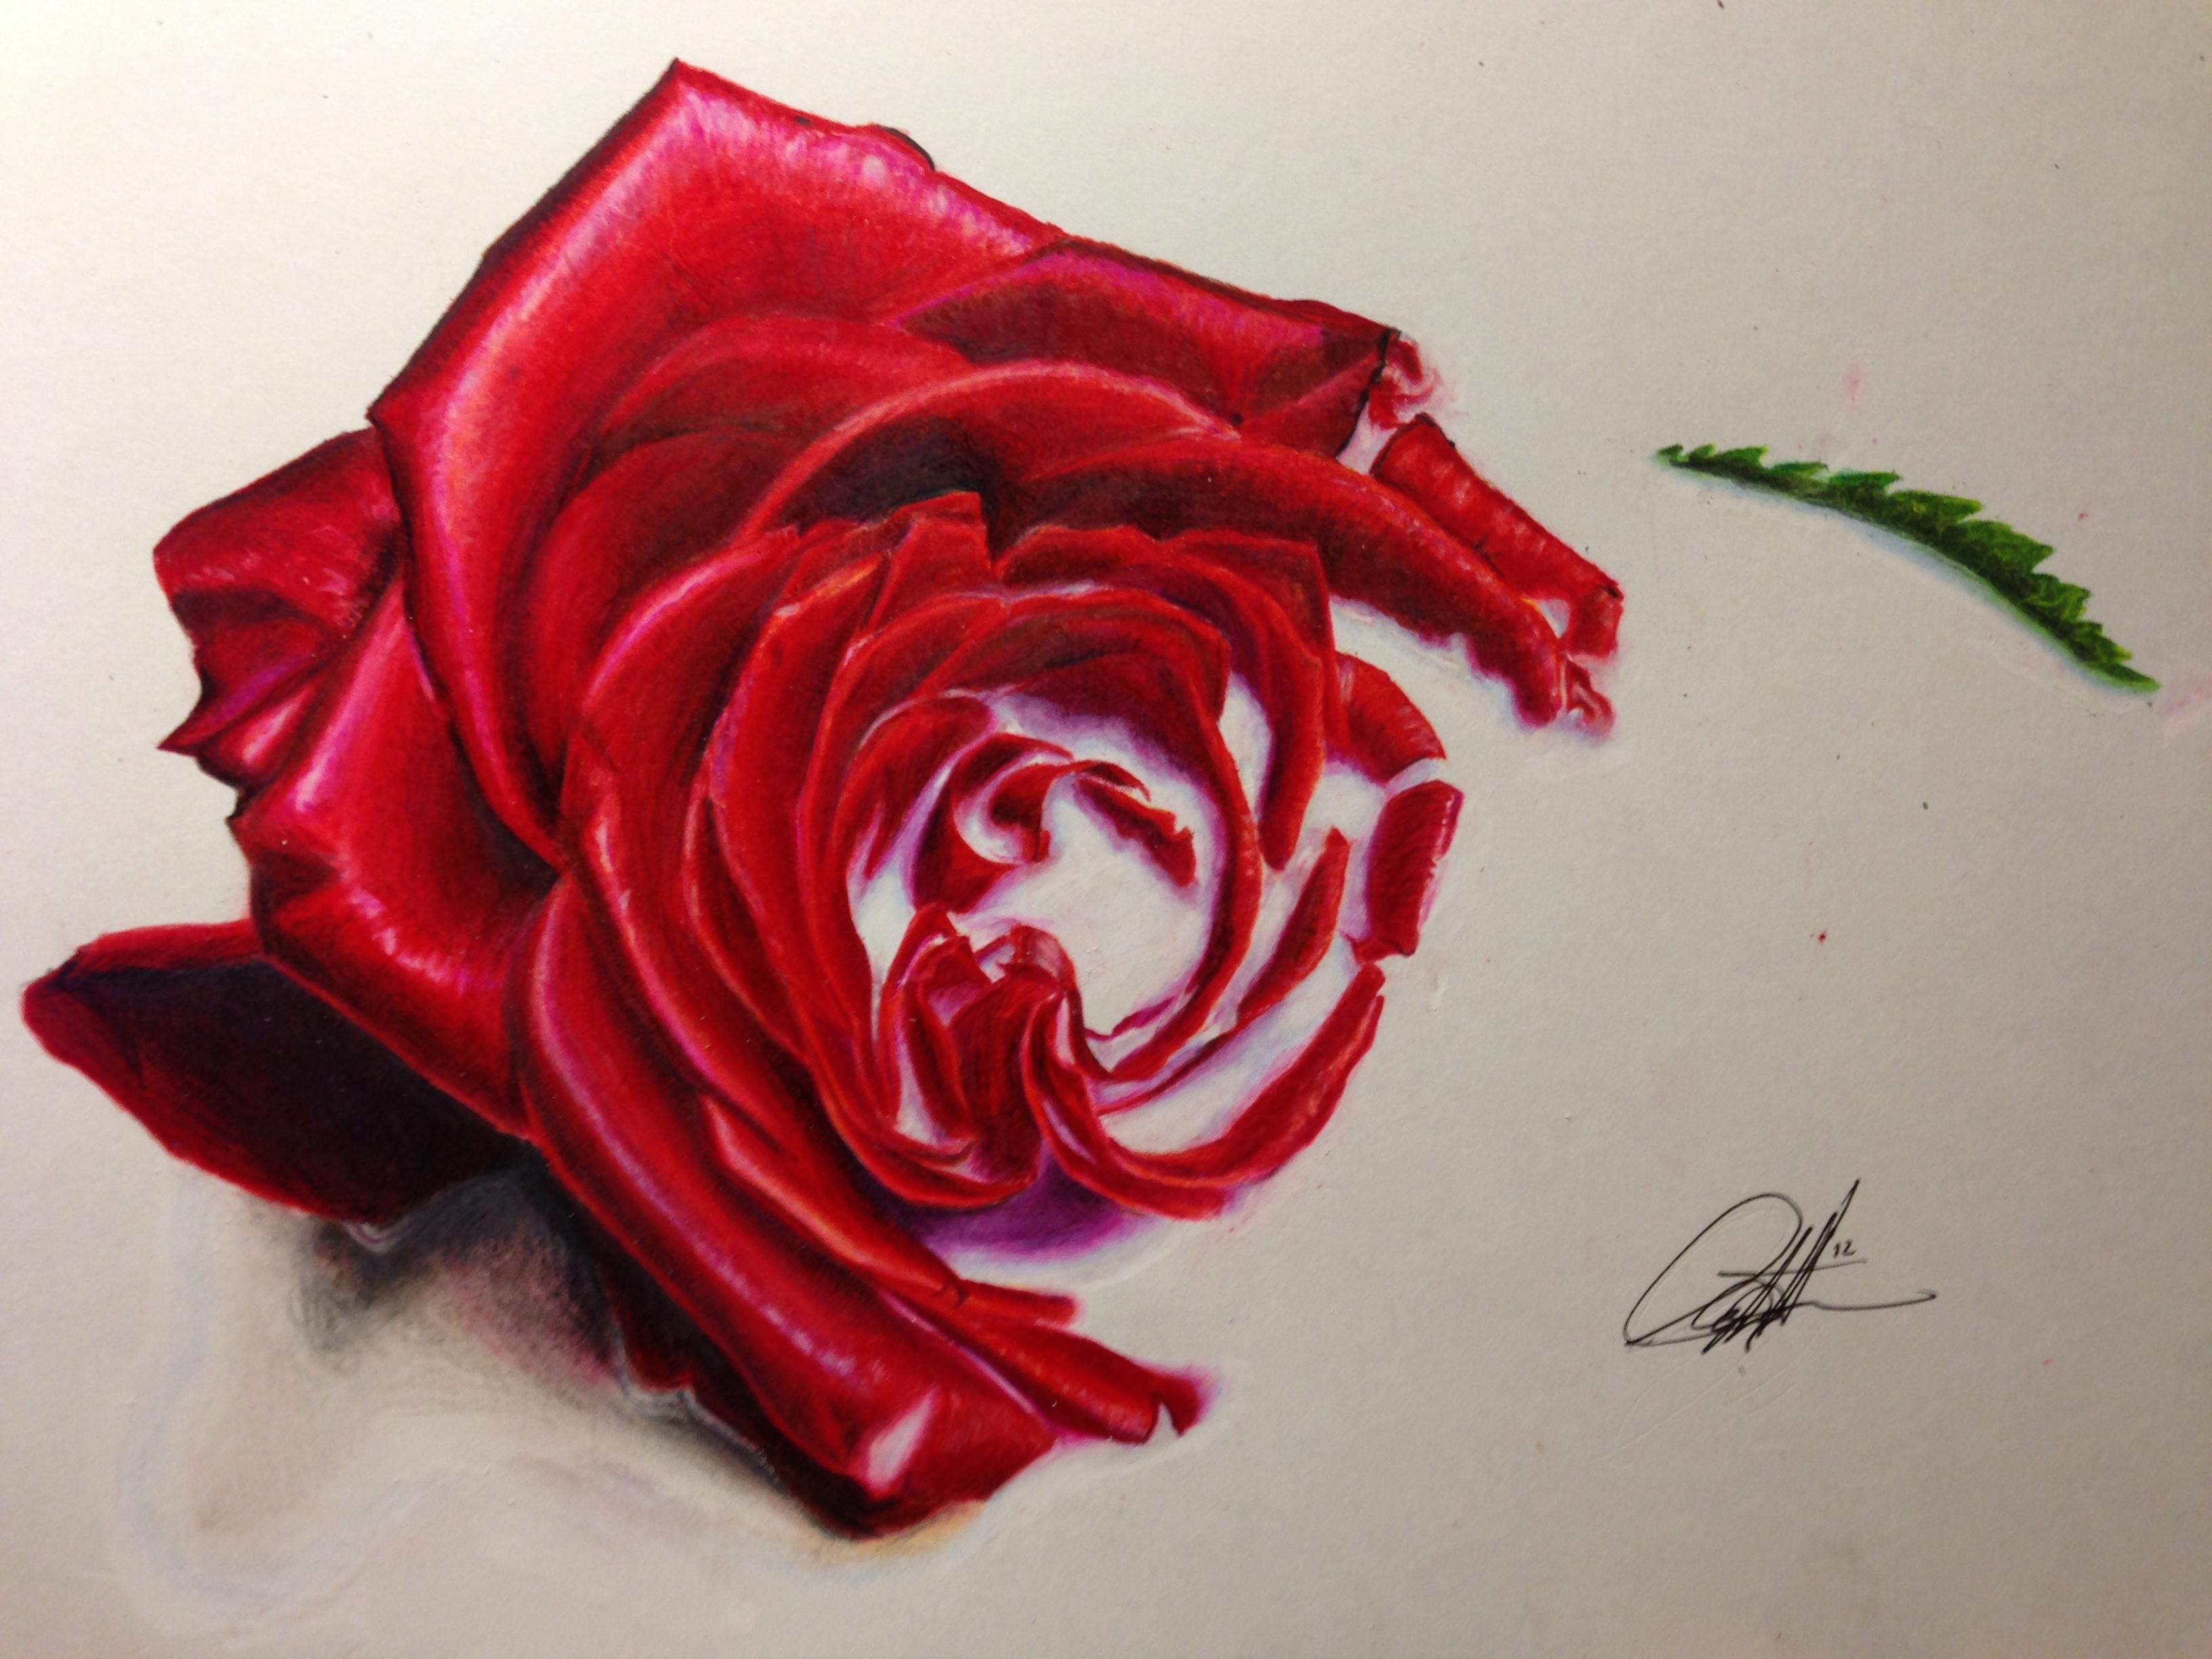 Roses are ff0000 by ChrisHerreraArt